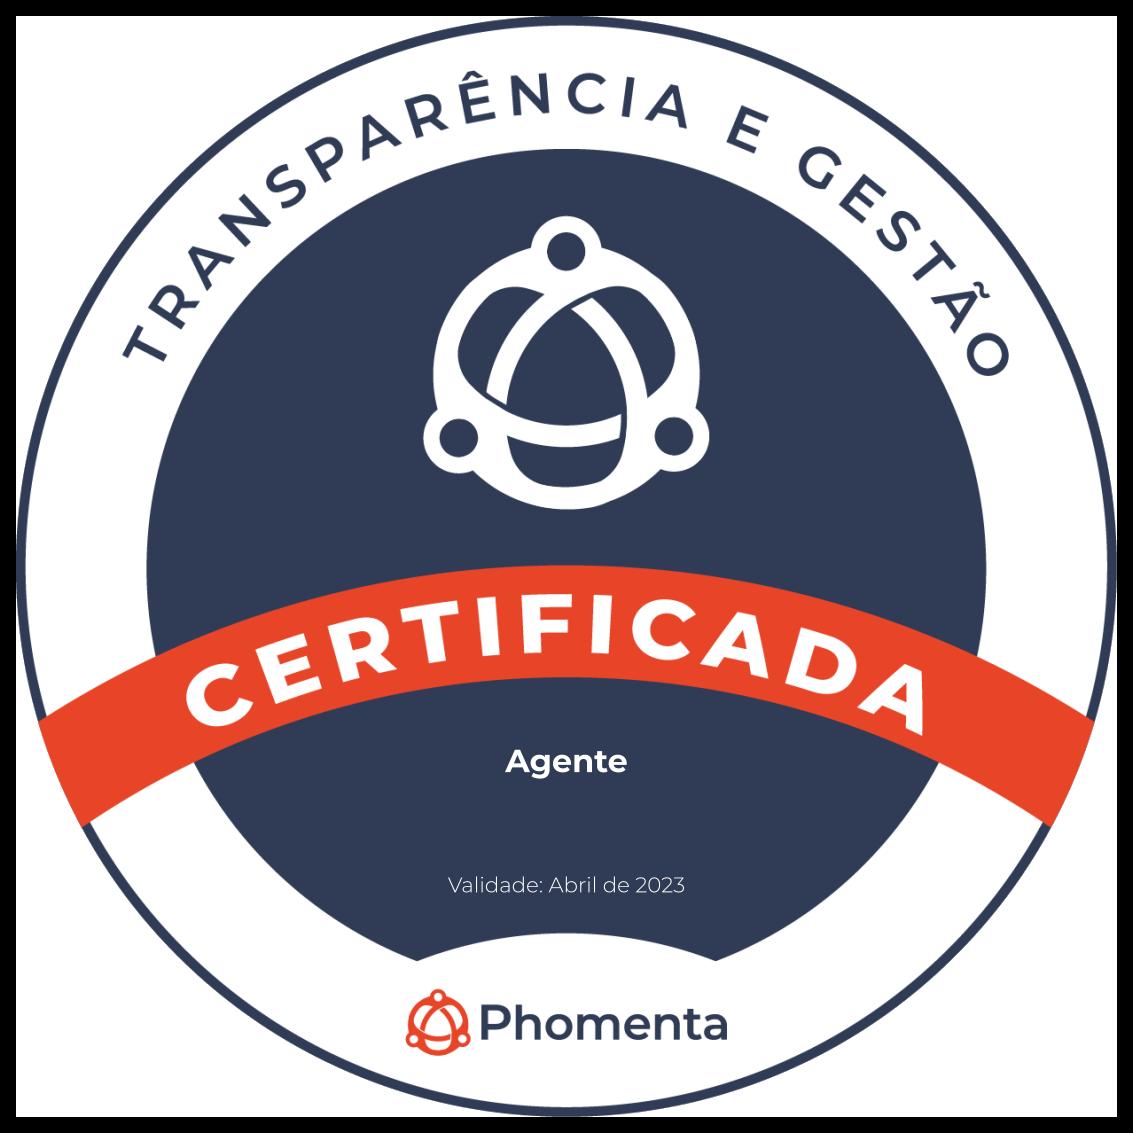 Certificado de transparência e gestão - Phomenta